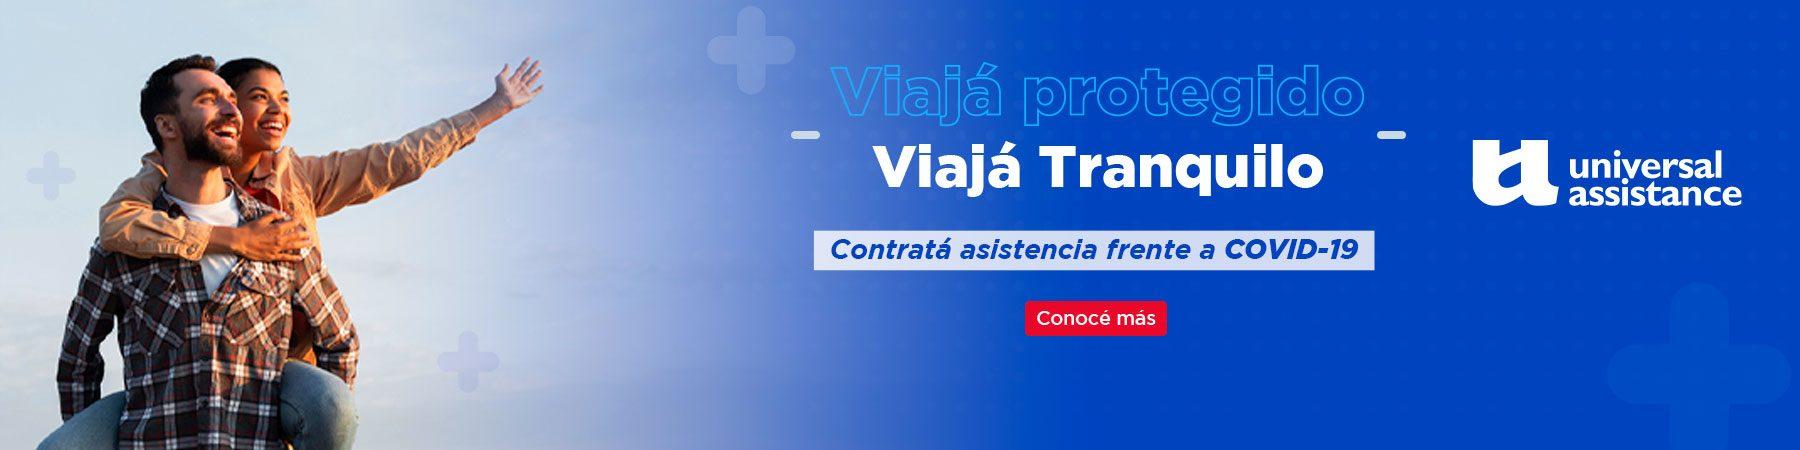 Asistencia al viajero seguro viajar micro flecha Bus Universal Assistance V